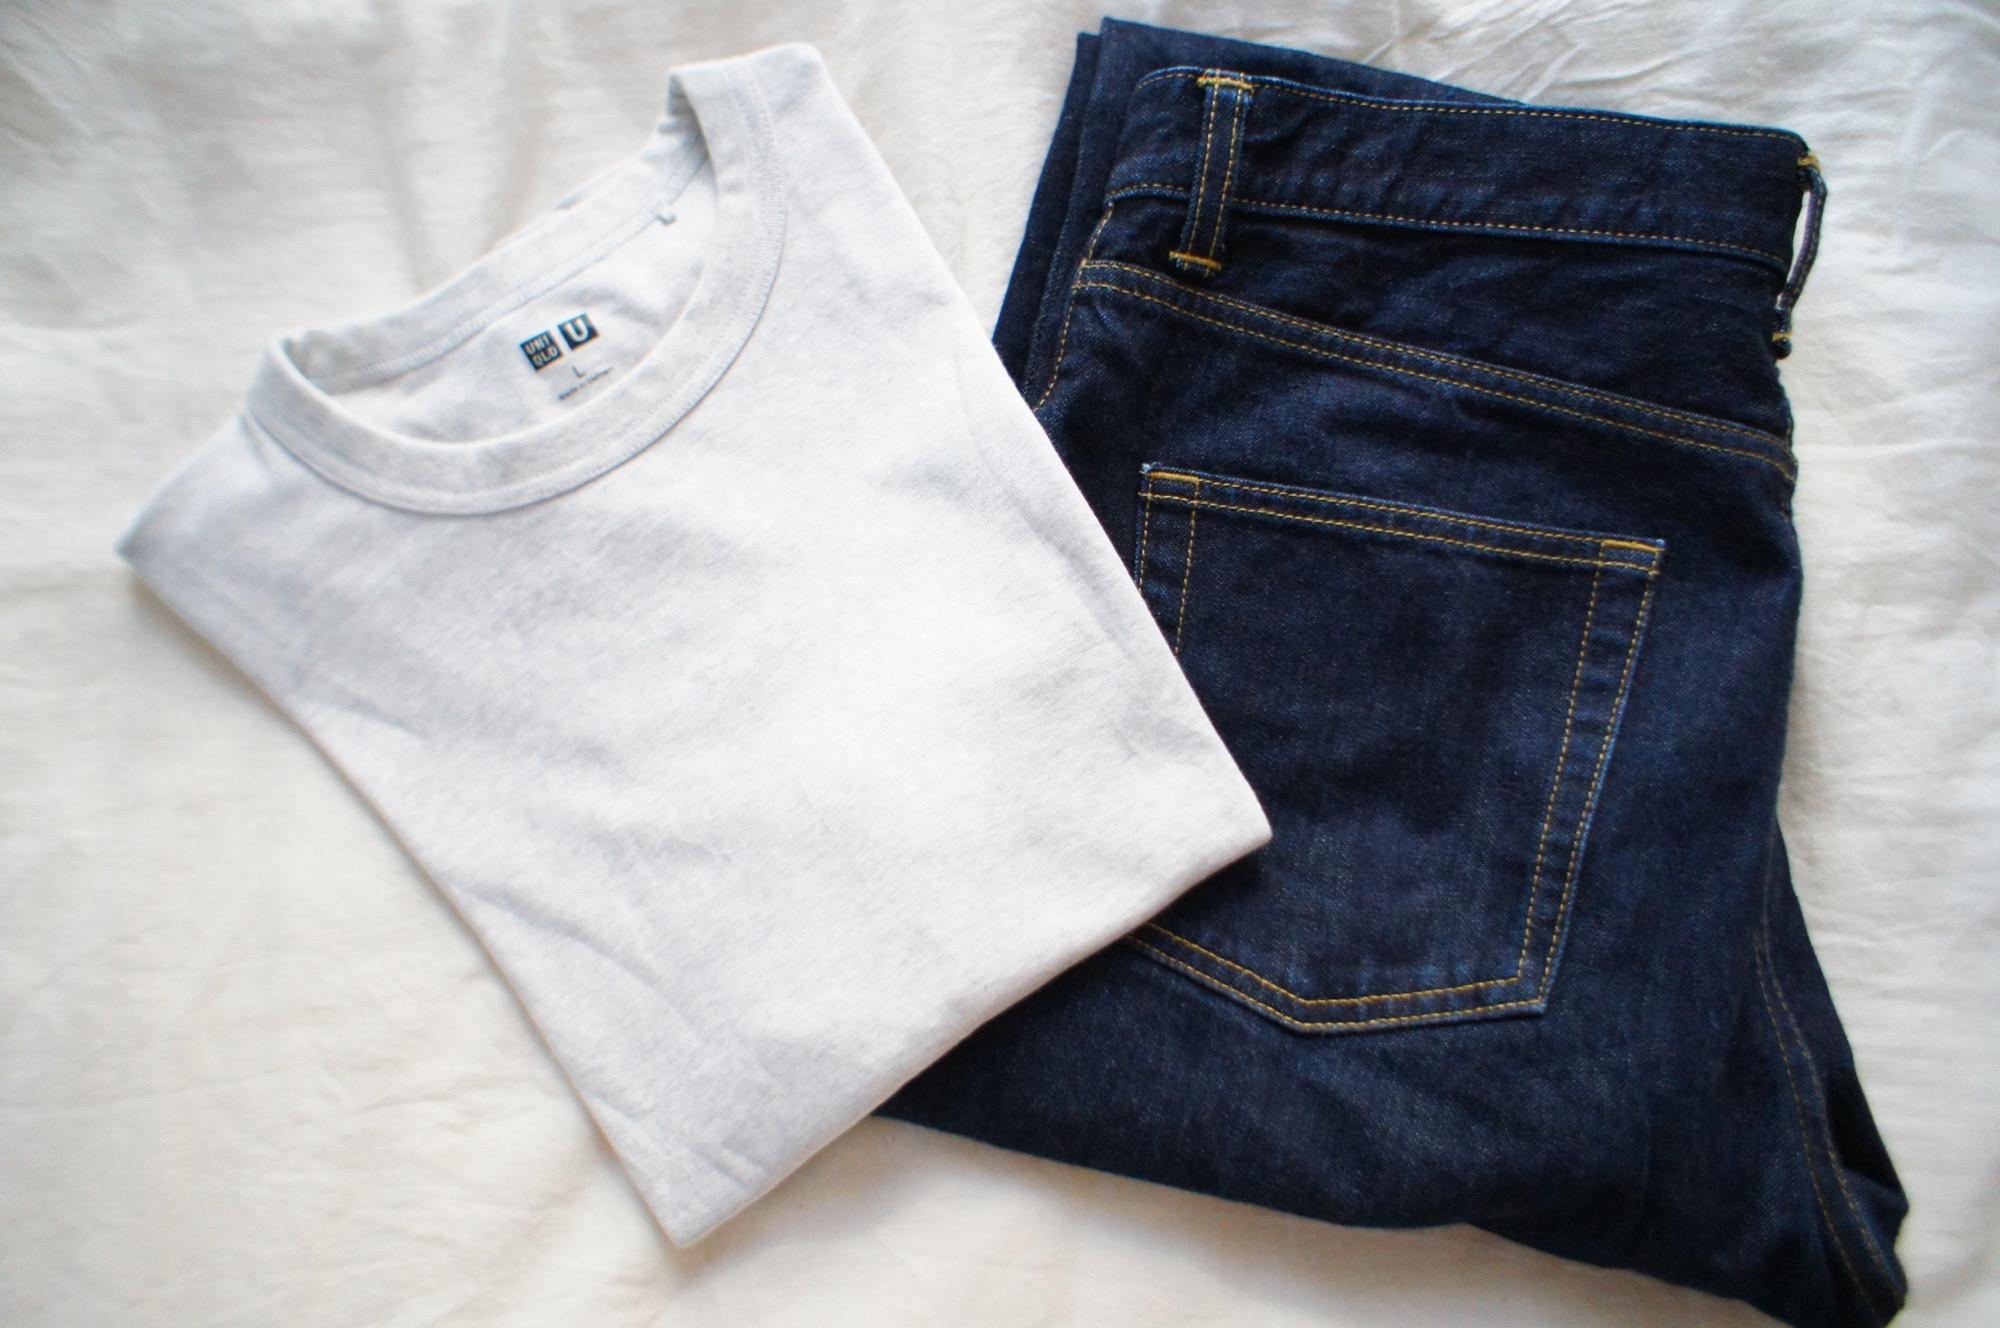 《毎年買い足す究極のTシャツ❤️》【Uniqlo U】のプチプラTシャツが優秀すぎる☻_1